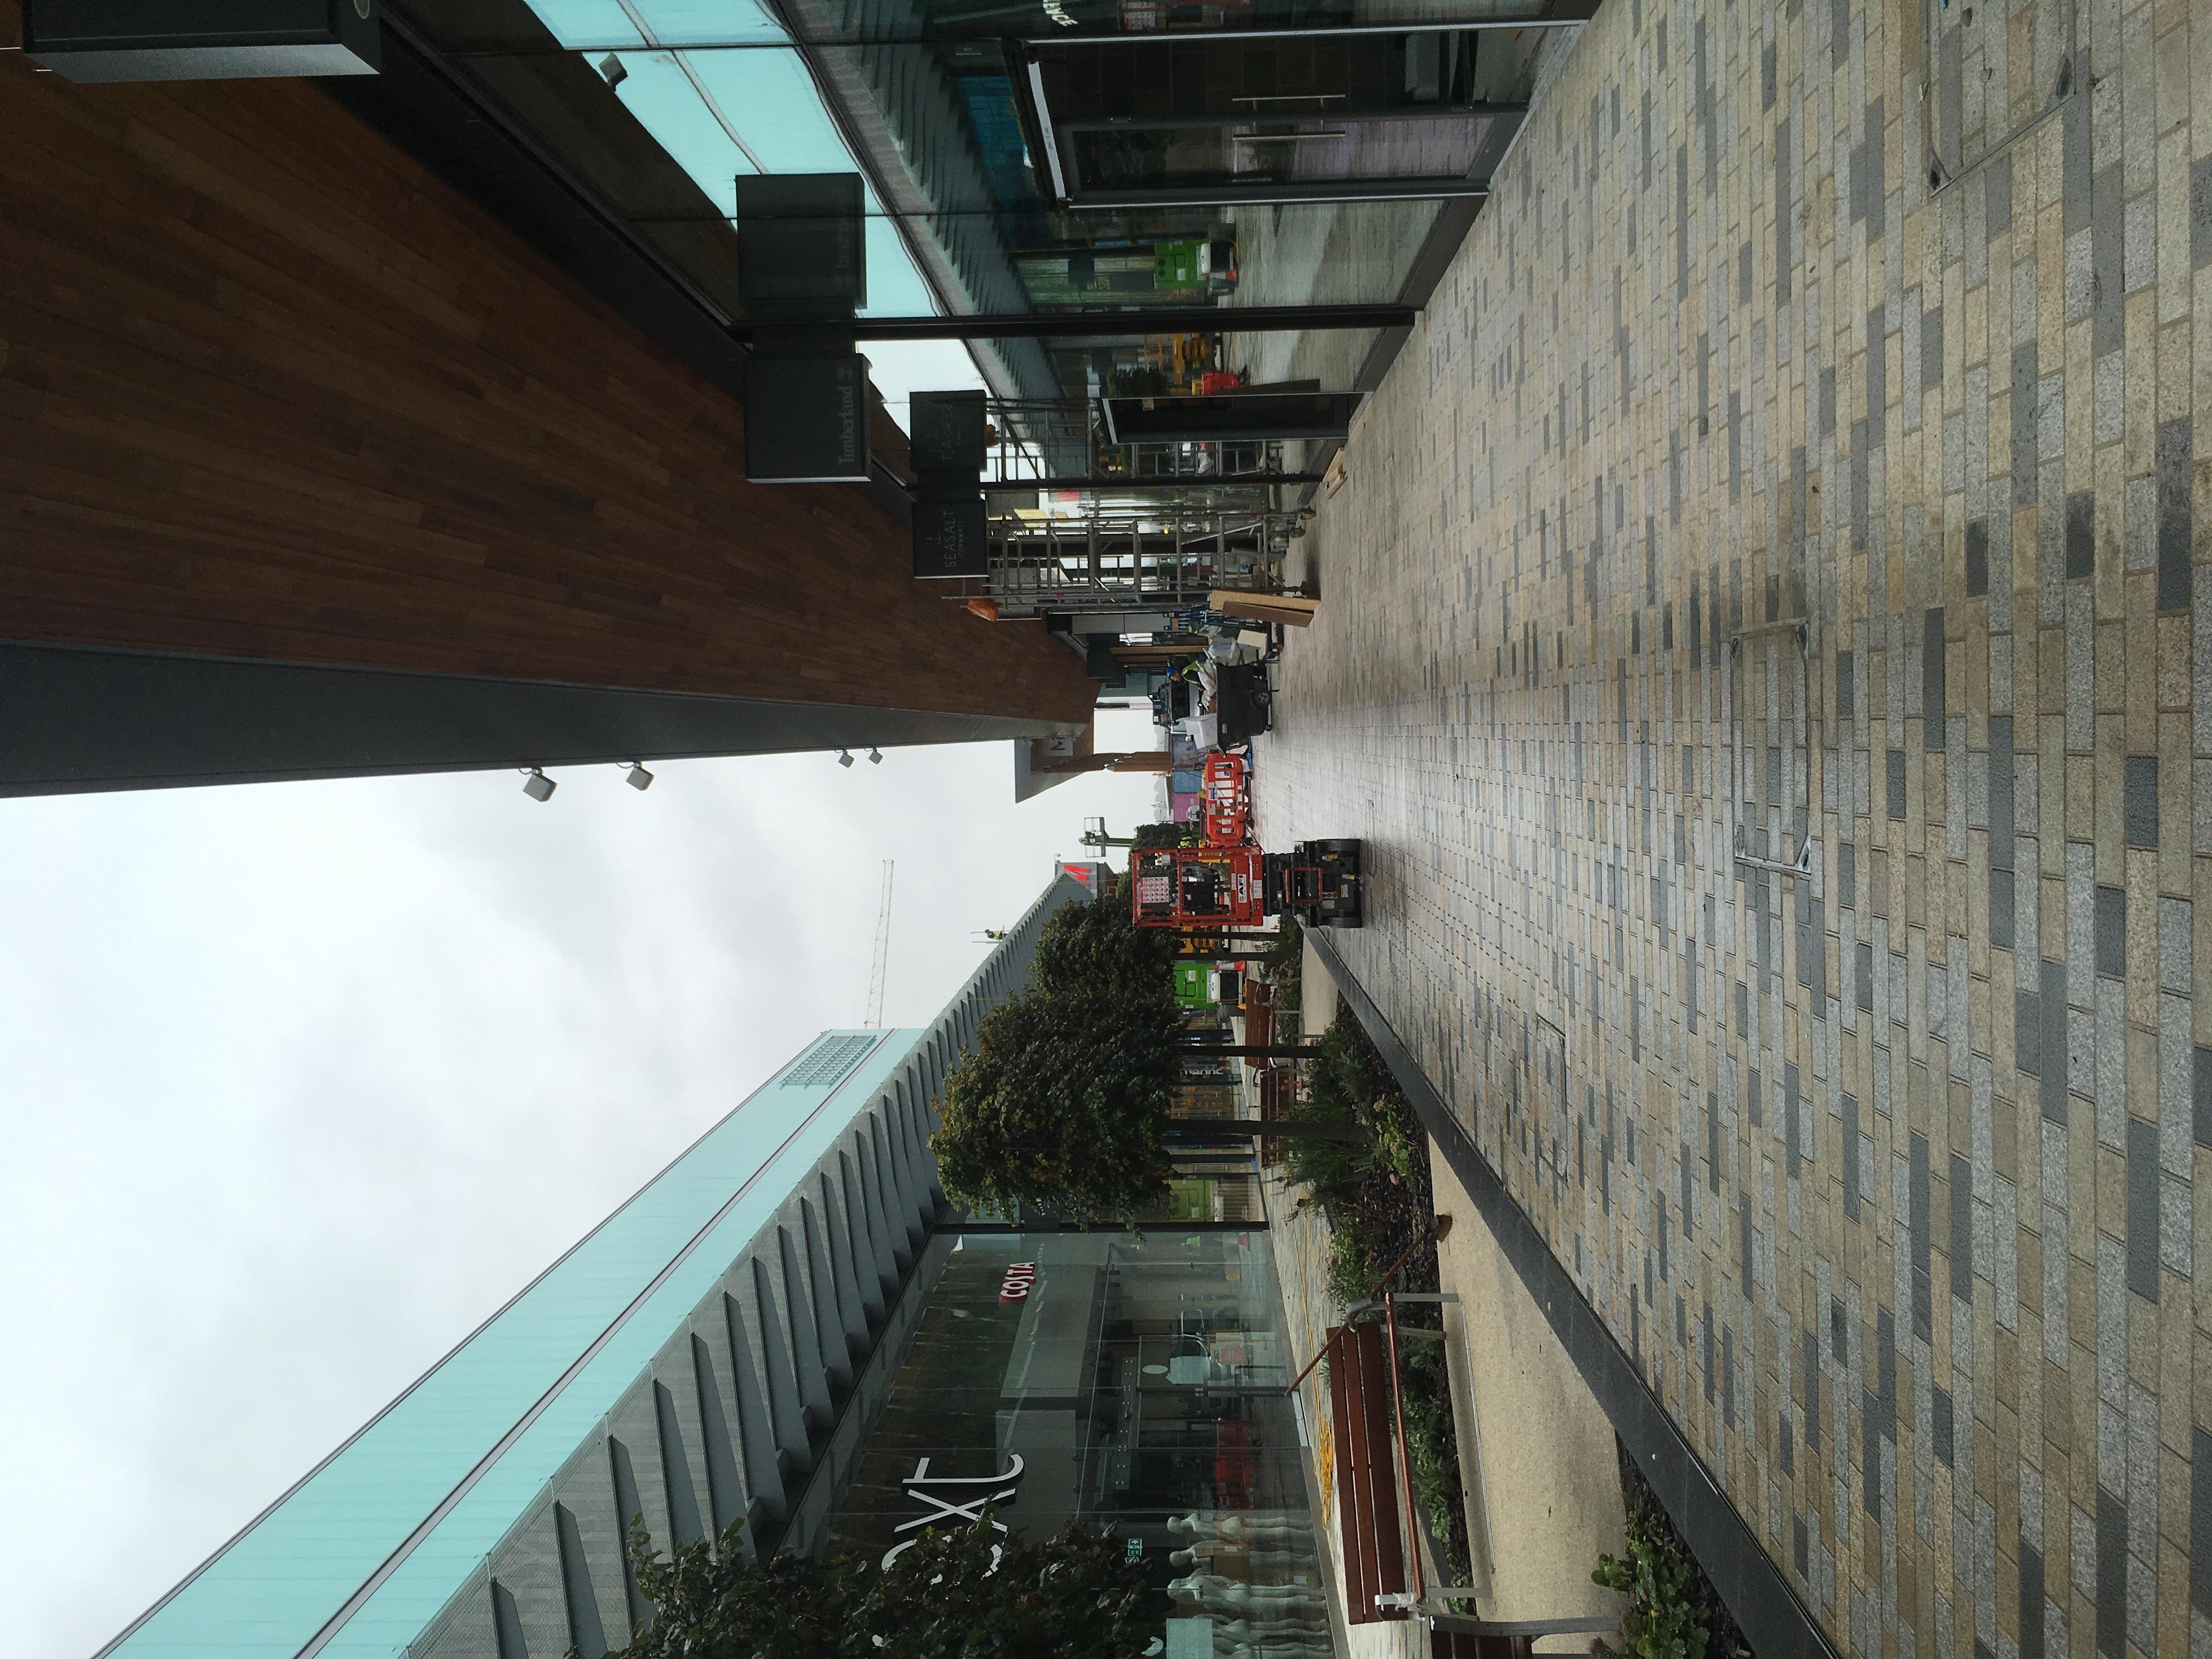 Lexicon - Pedestrian Walkway